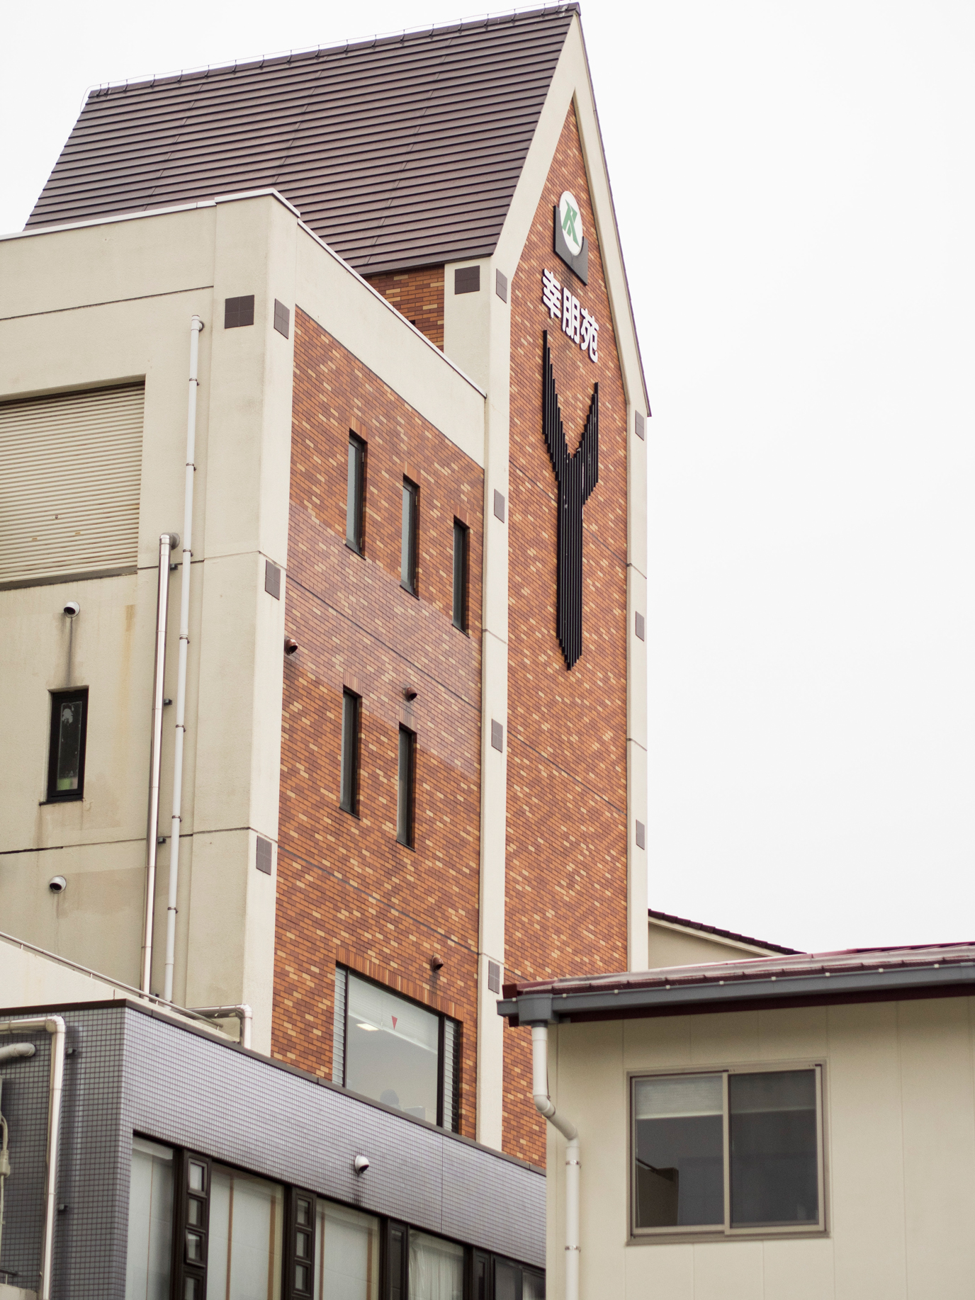 施設に住み替えて利用するサービス - アイキャッチ画像